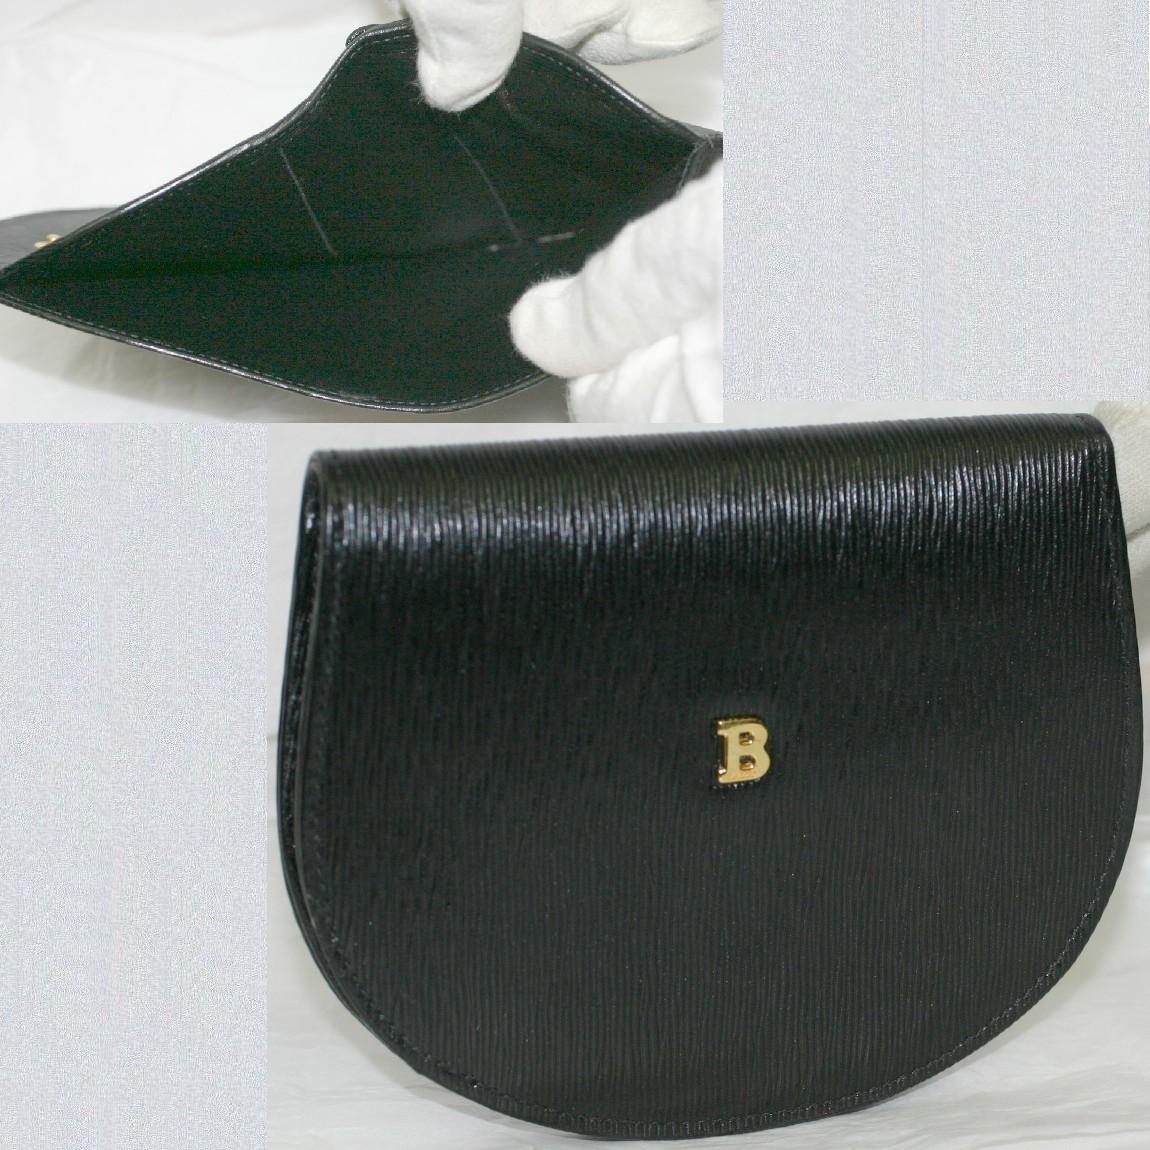 【中古】本物ほぼ新品バリー女性用半円形黒い革素材財布